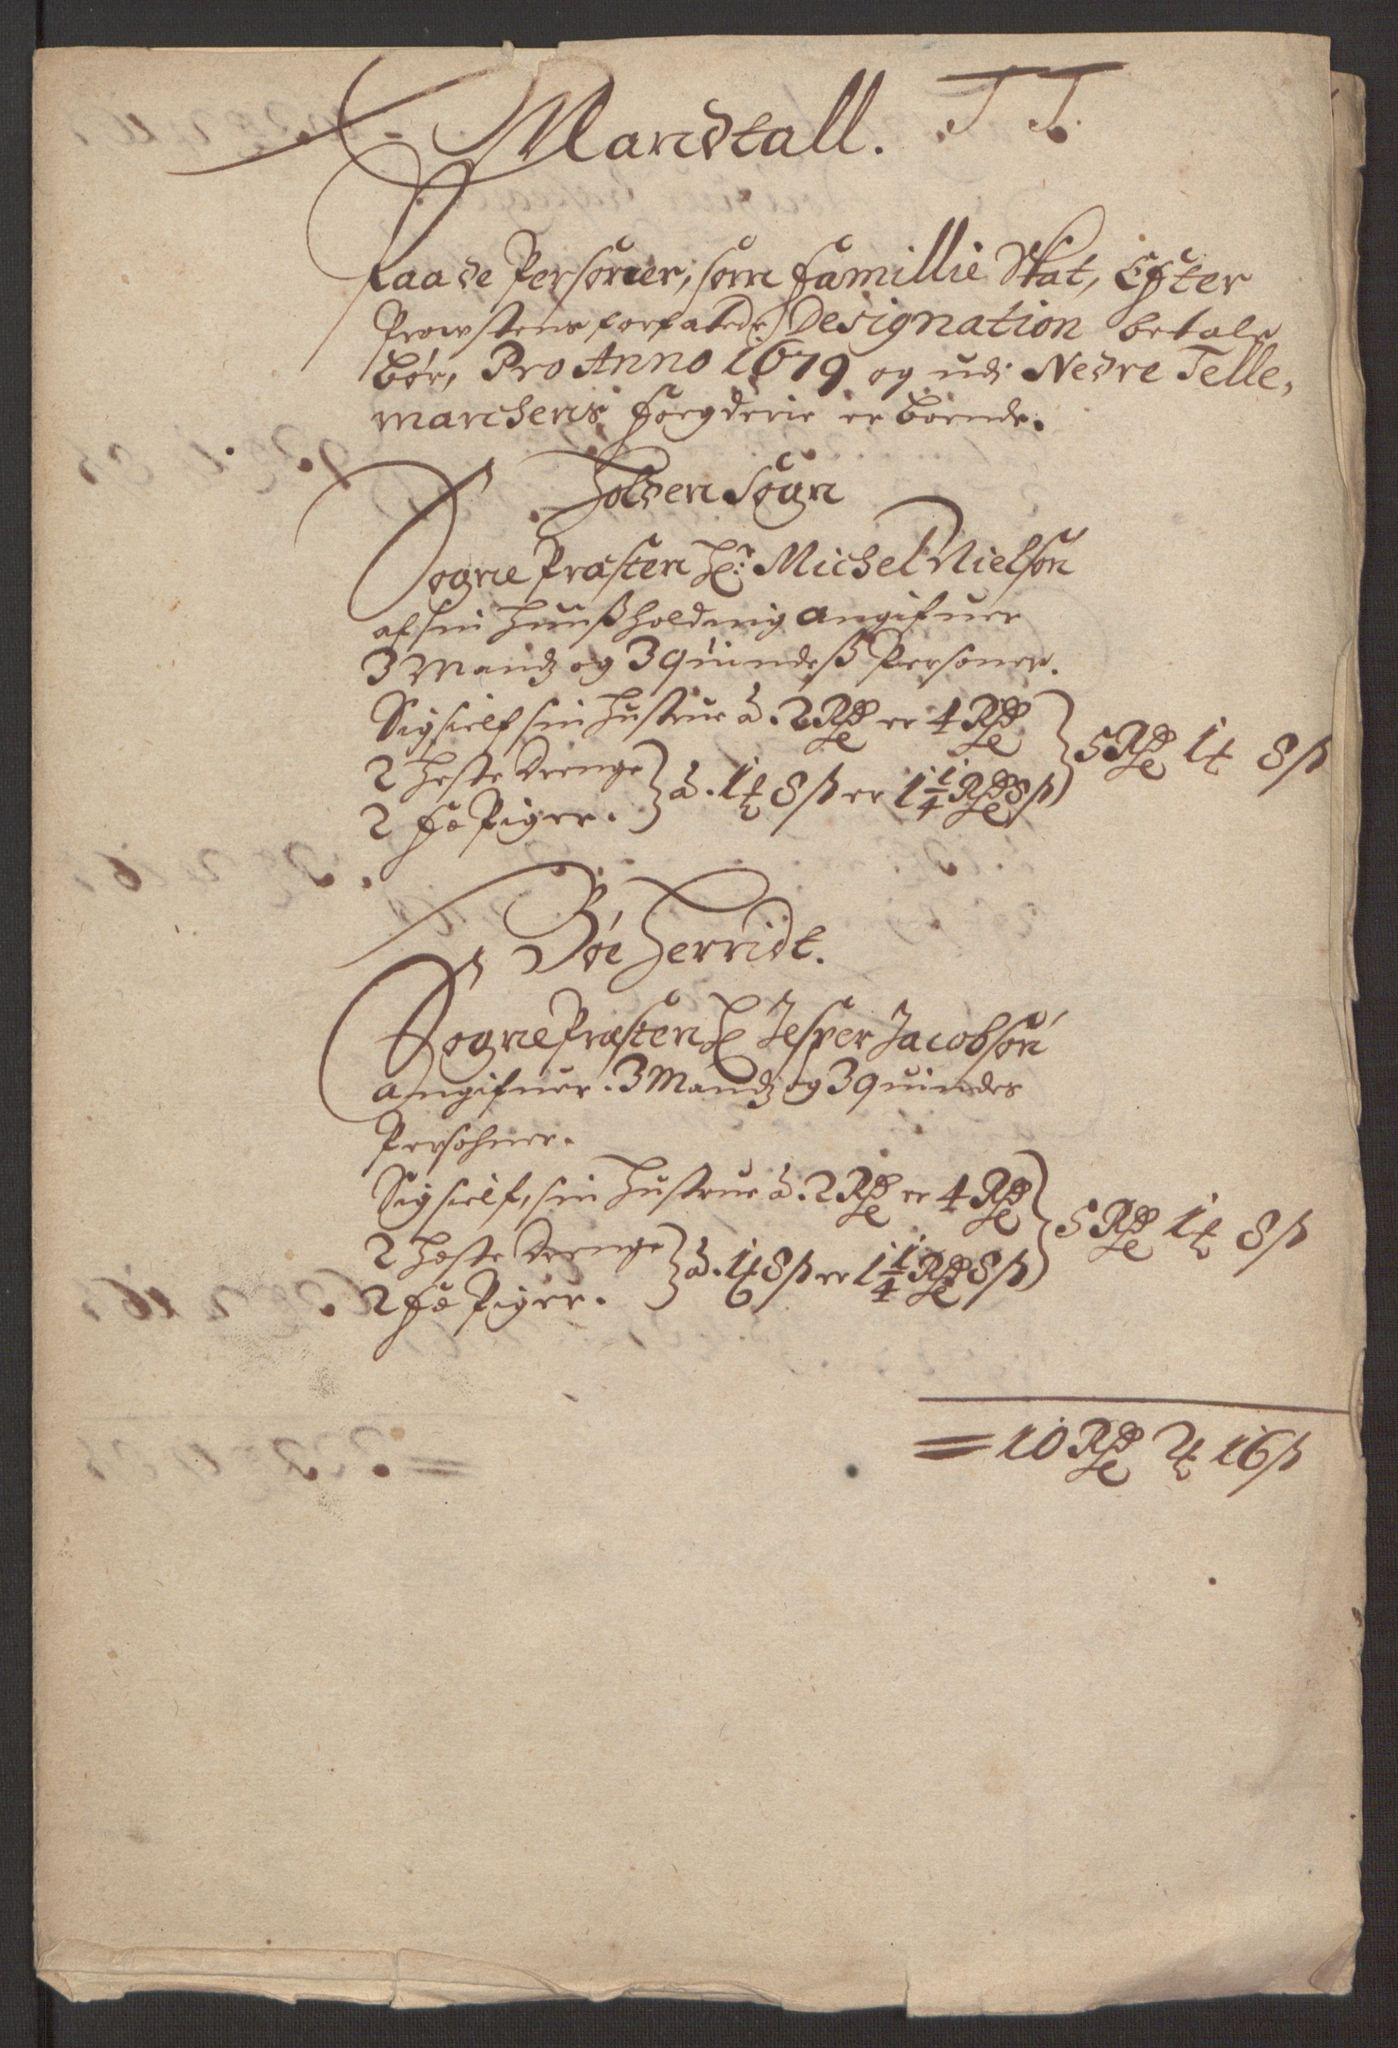 RA, Rentekammeret inntil 1814, Reviderte regnskaper, Fogderegnskap, R35/L2072: Fogderegnskap Øvre og Nedre Telemark, 1679, s. 243